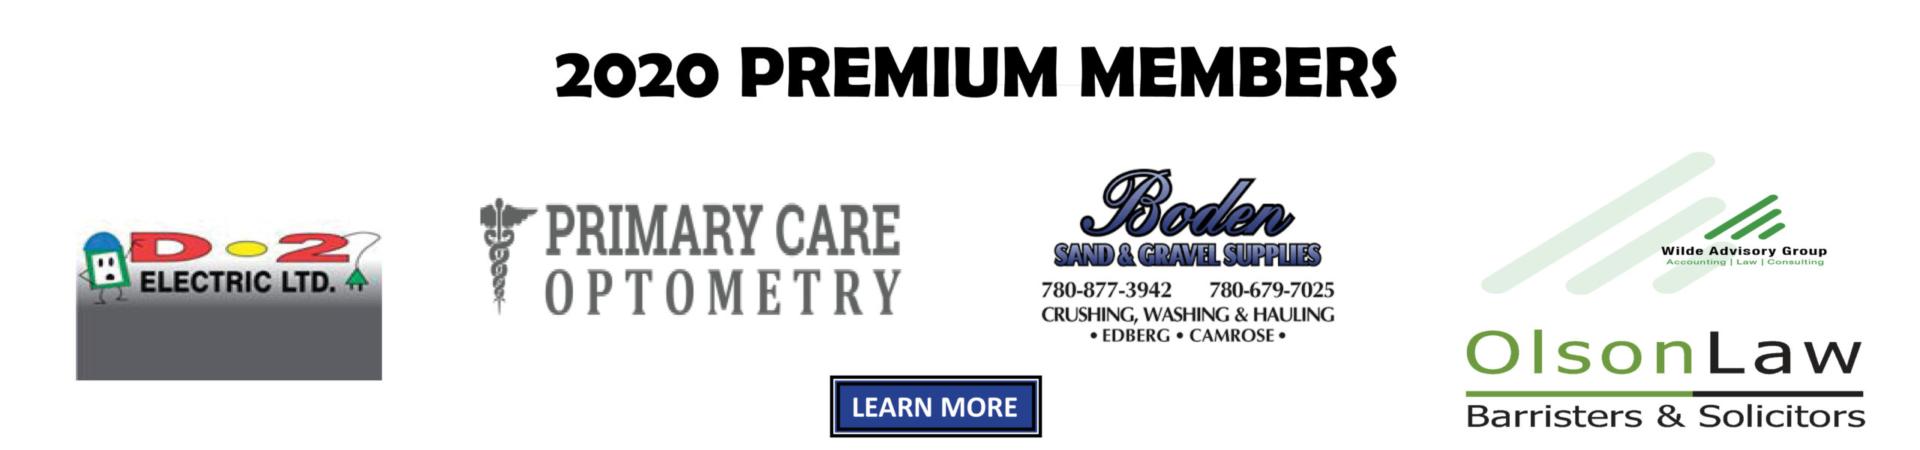 2020 Premium Members